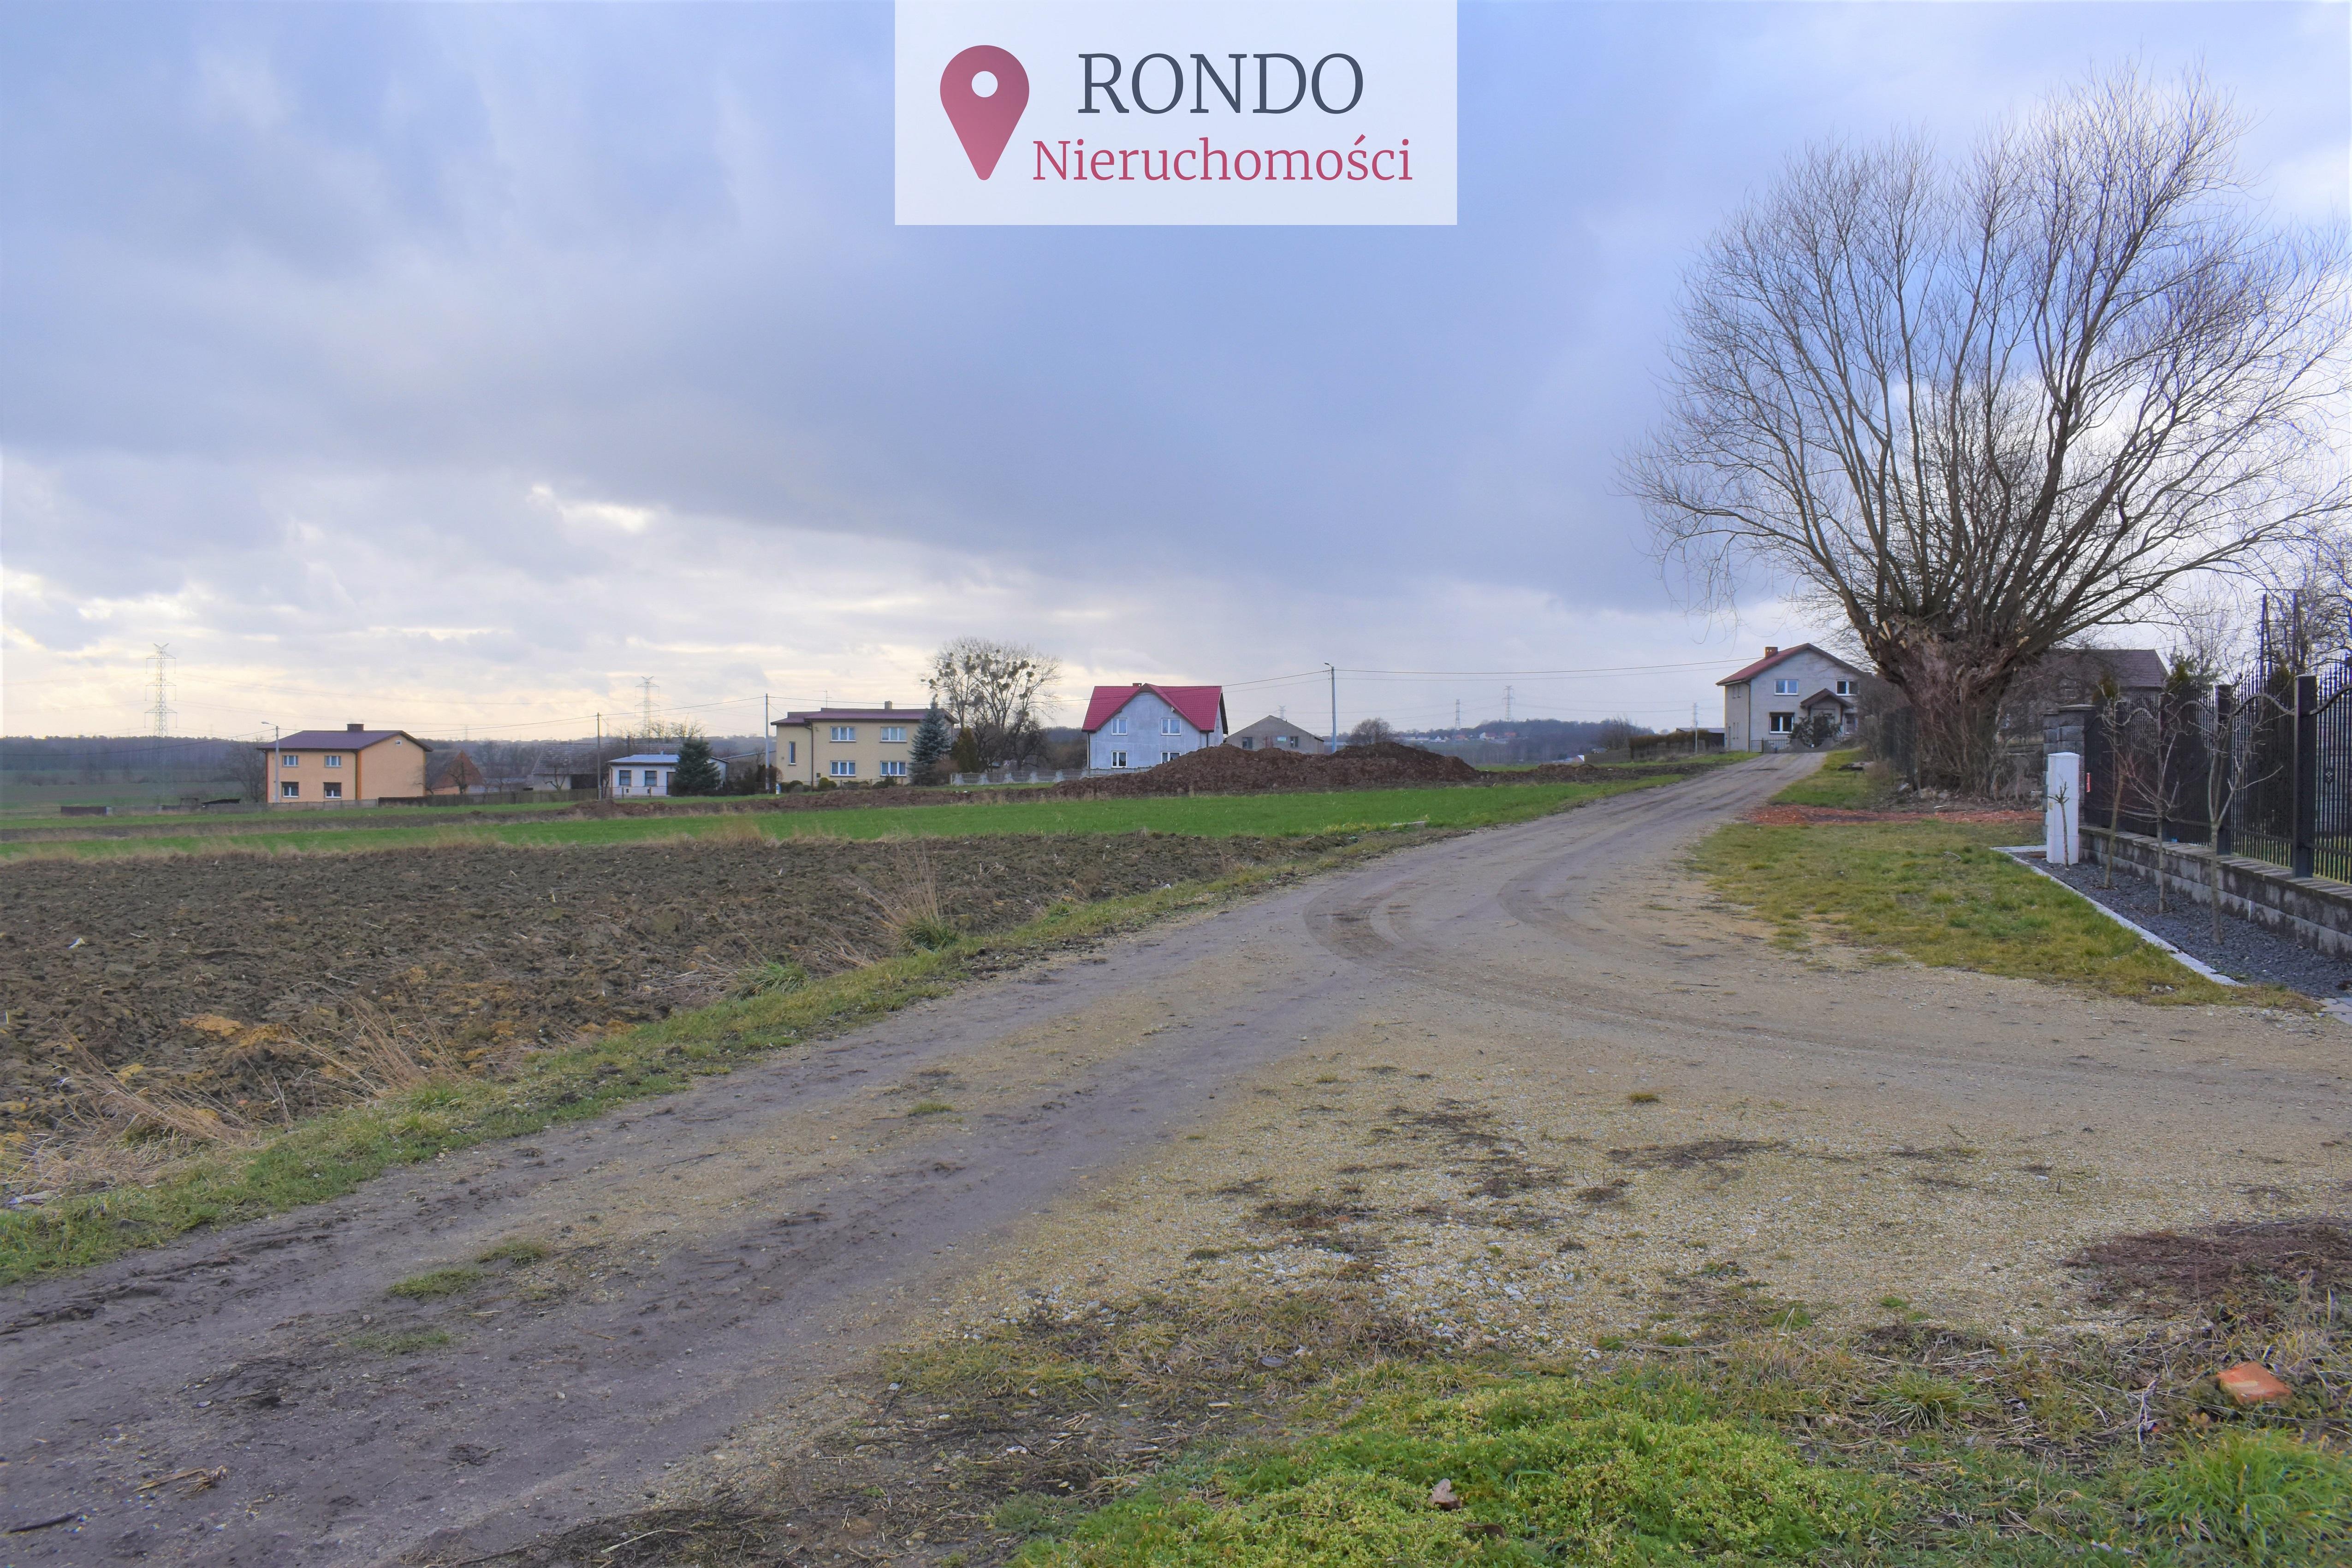 Działki budowlane - Sadowie 12 km od Ostrowa Wlkp